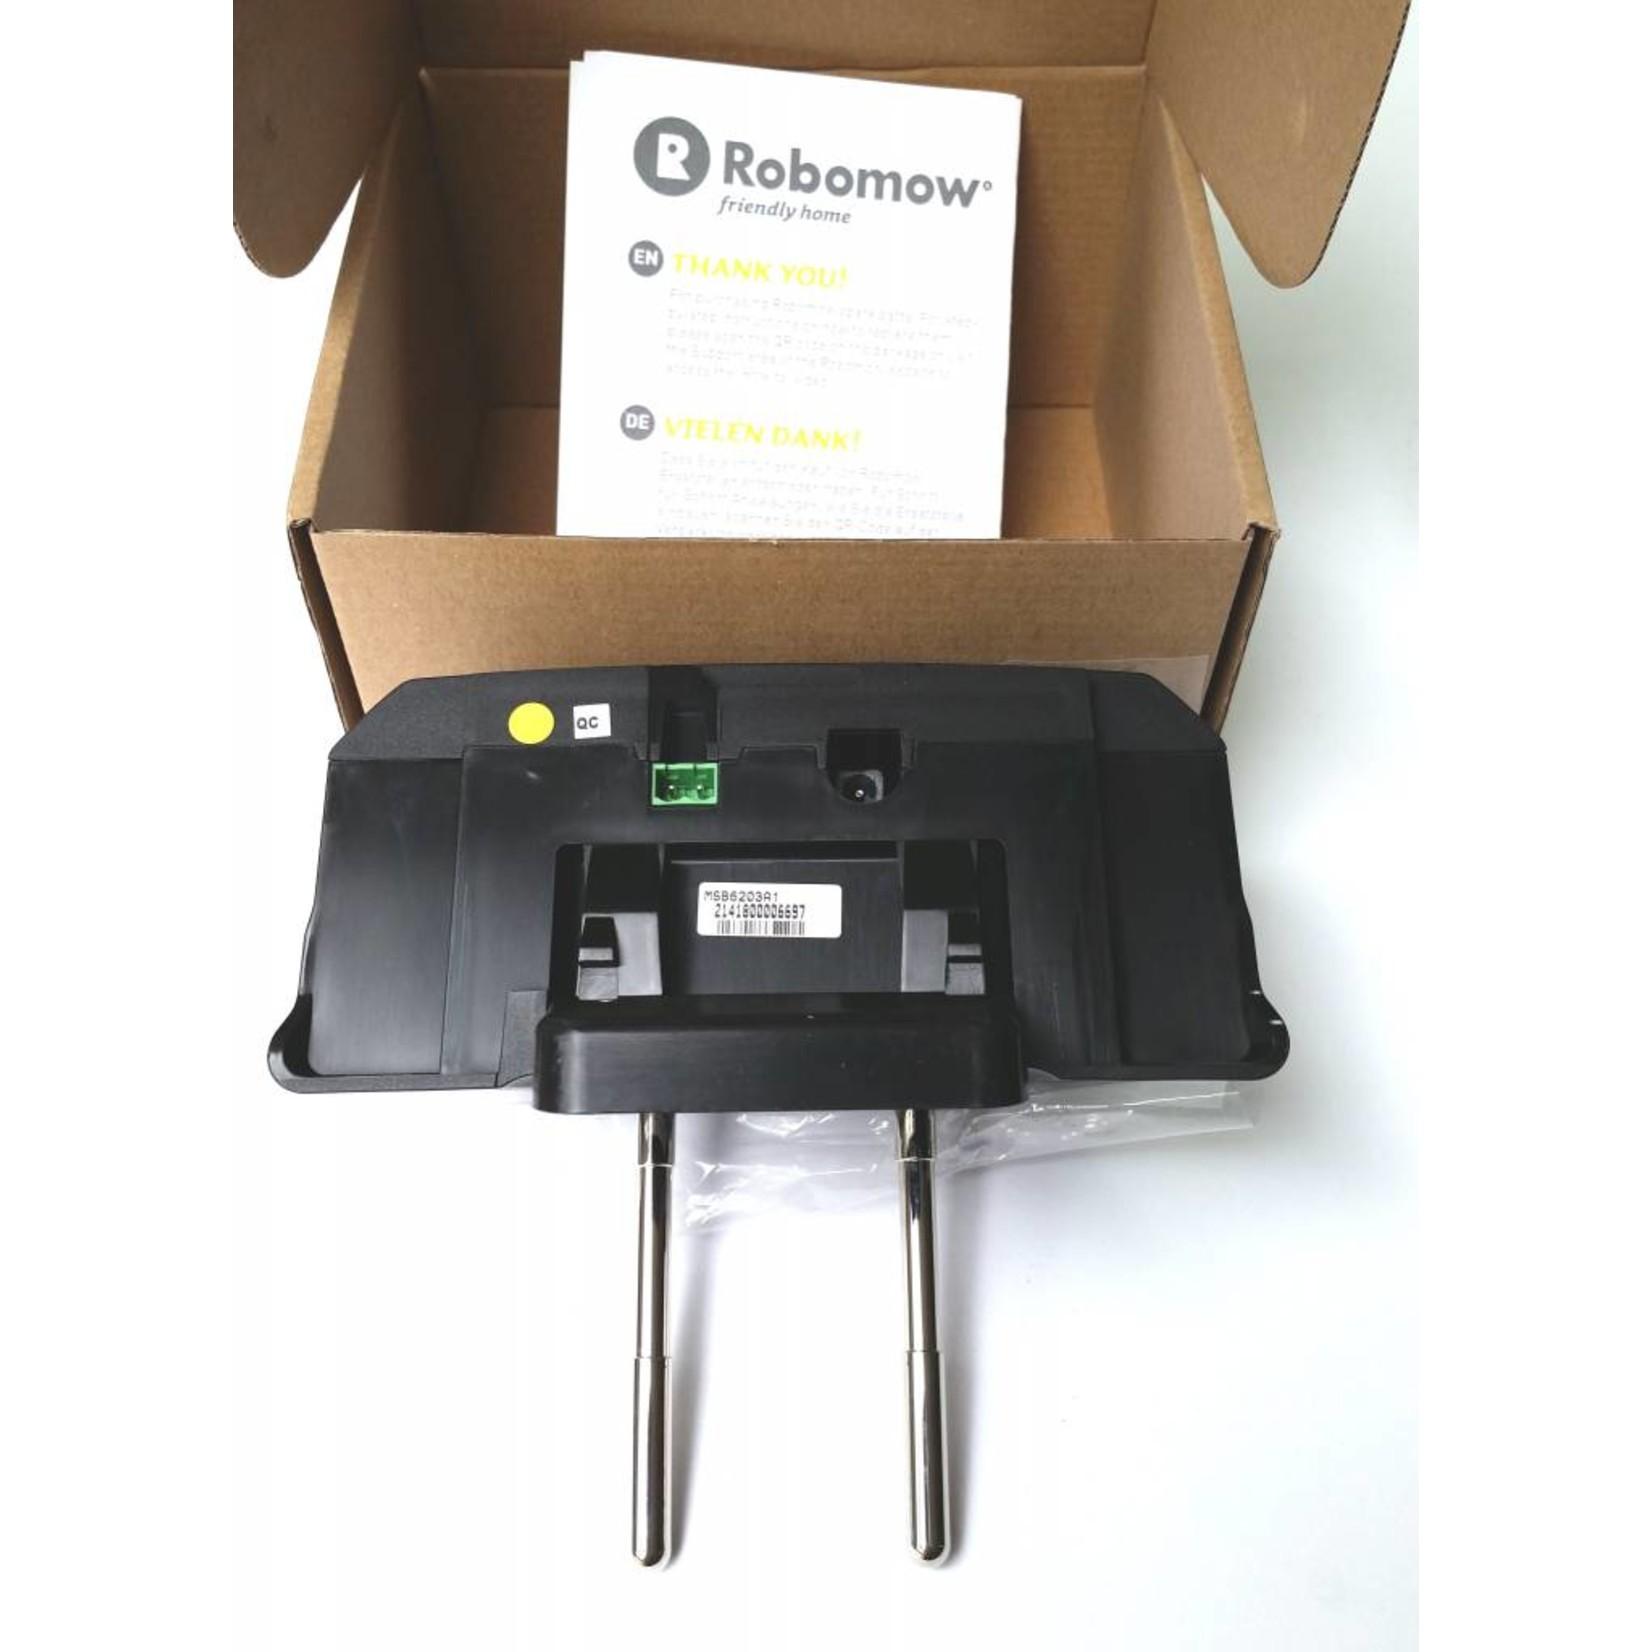 Robomow Robomow Base Station Ladekopf RS-Serie SPP6130A/SMSB6203A